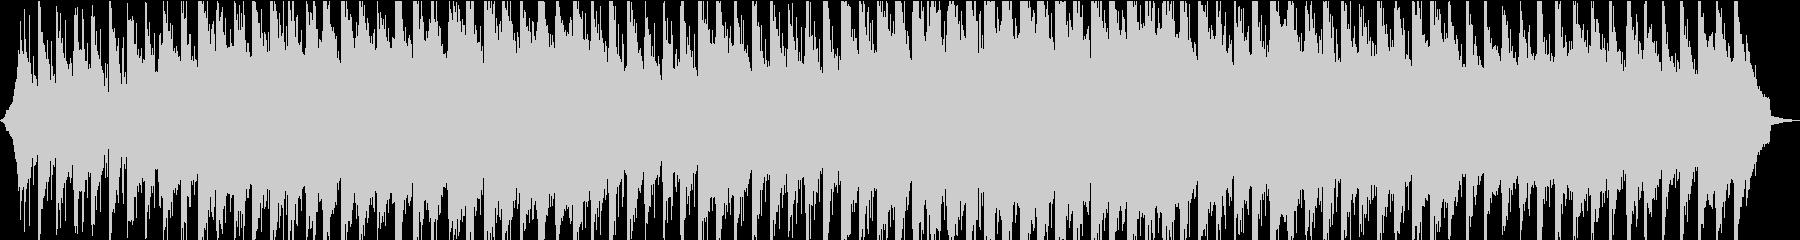 美しい・優しいメロディのコーポレート③の未再生の波形